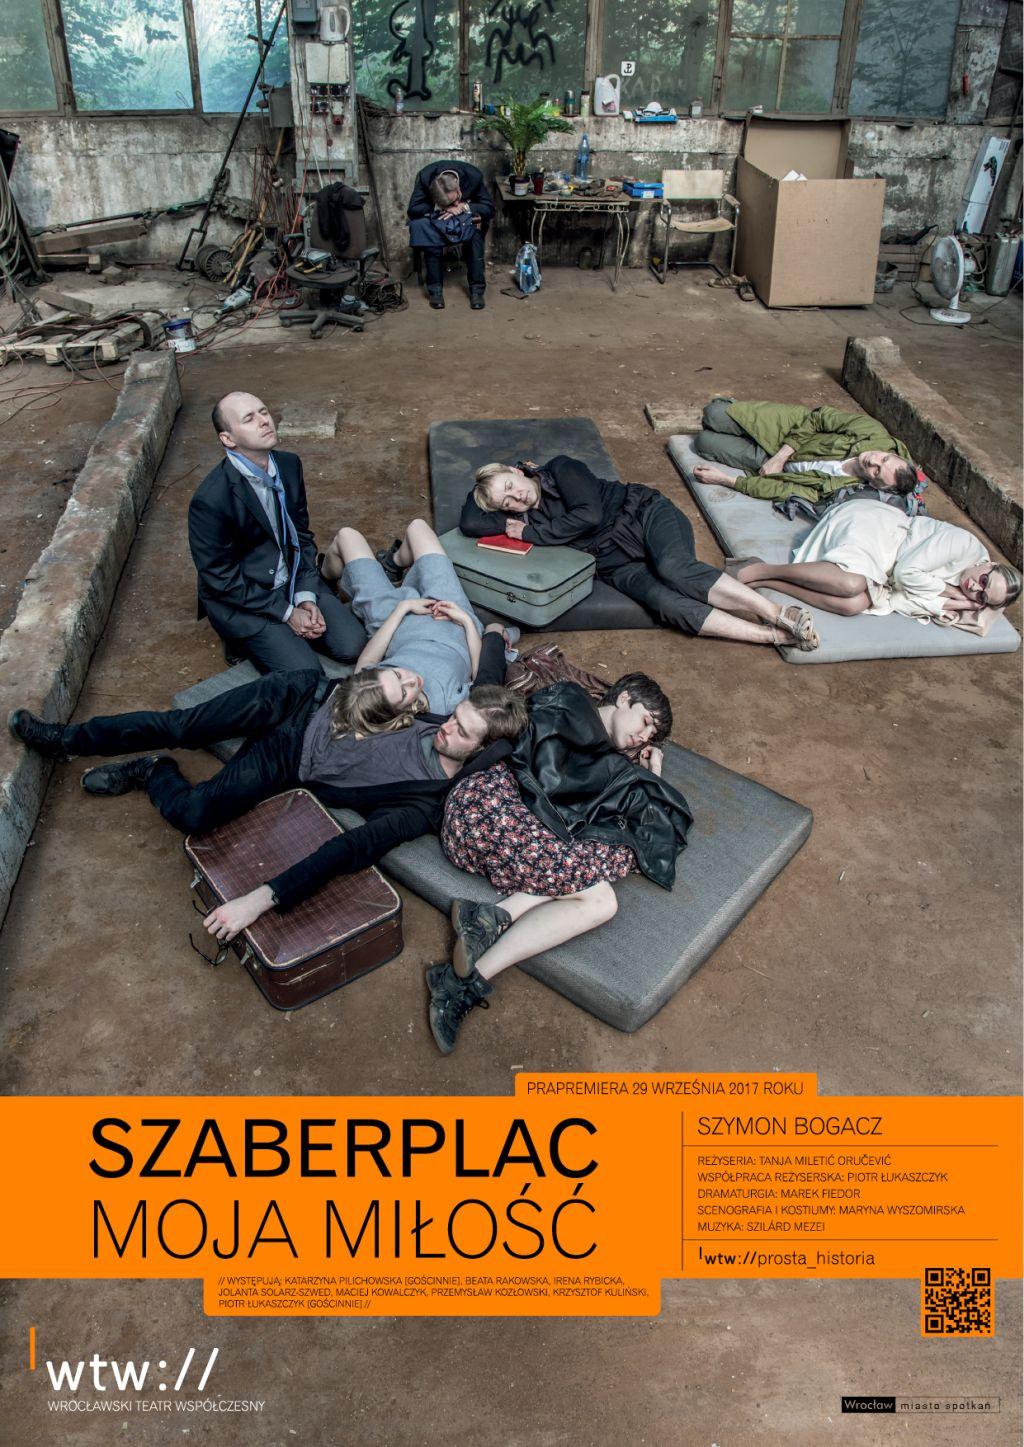 """Szymon Bogacz, """"Szaberplac, moja miłość"""", reż. Tanja Miletić Oručević (źródło: materiały prasowe teatru)"""